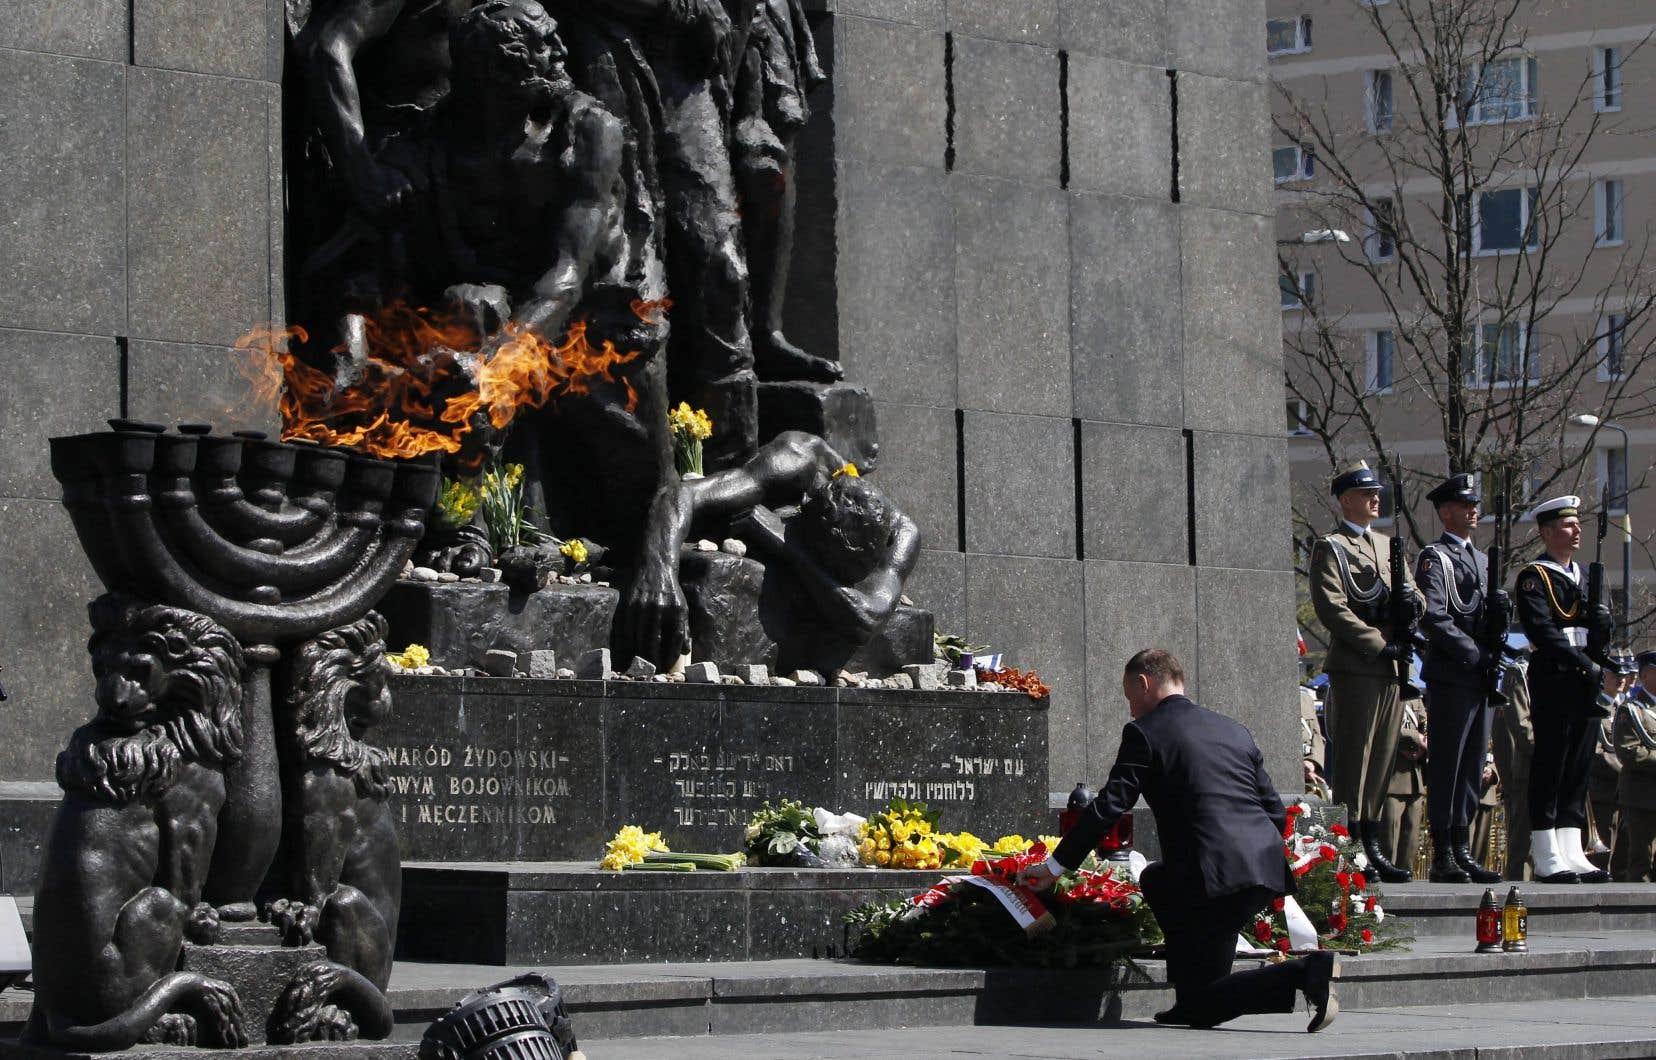 Le président polonais, Andrzej Duda, a déposé une couronne devant le monument aux héros du ghetto lors d'une cérémonie officielle jeudi.